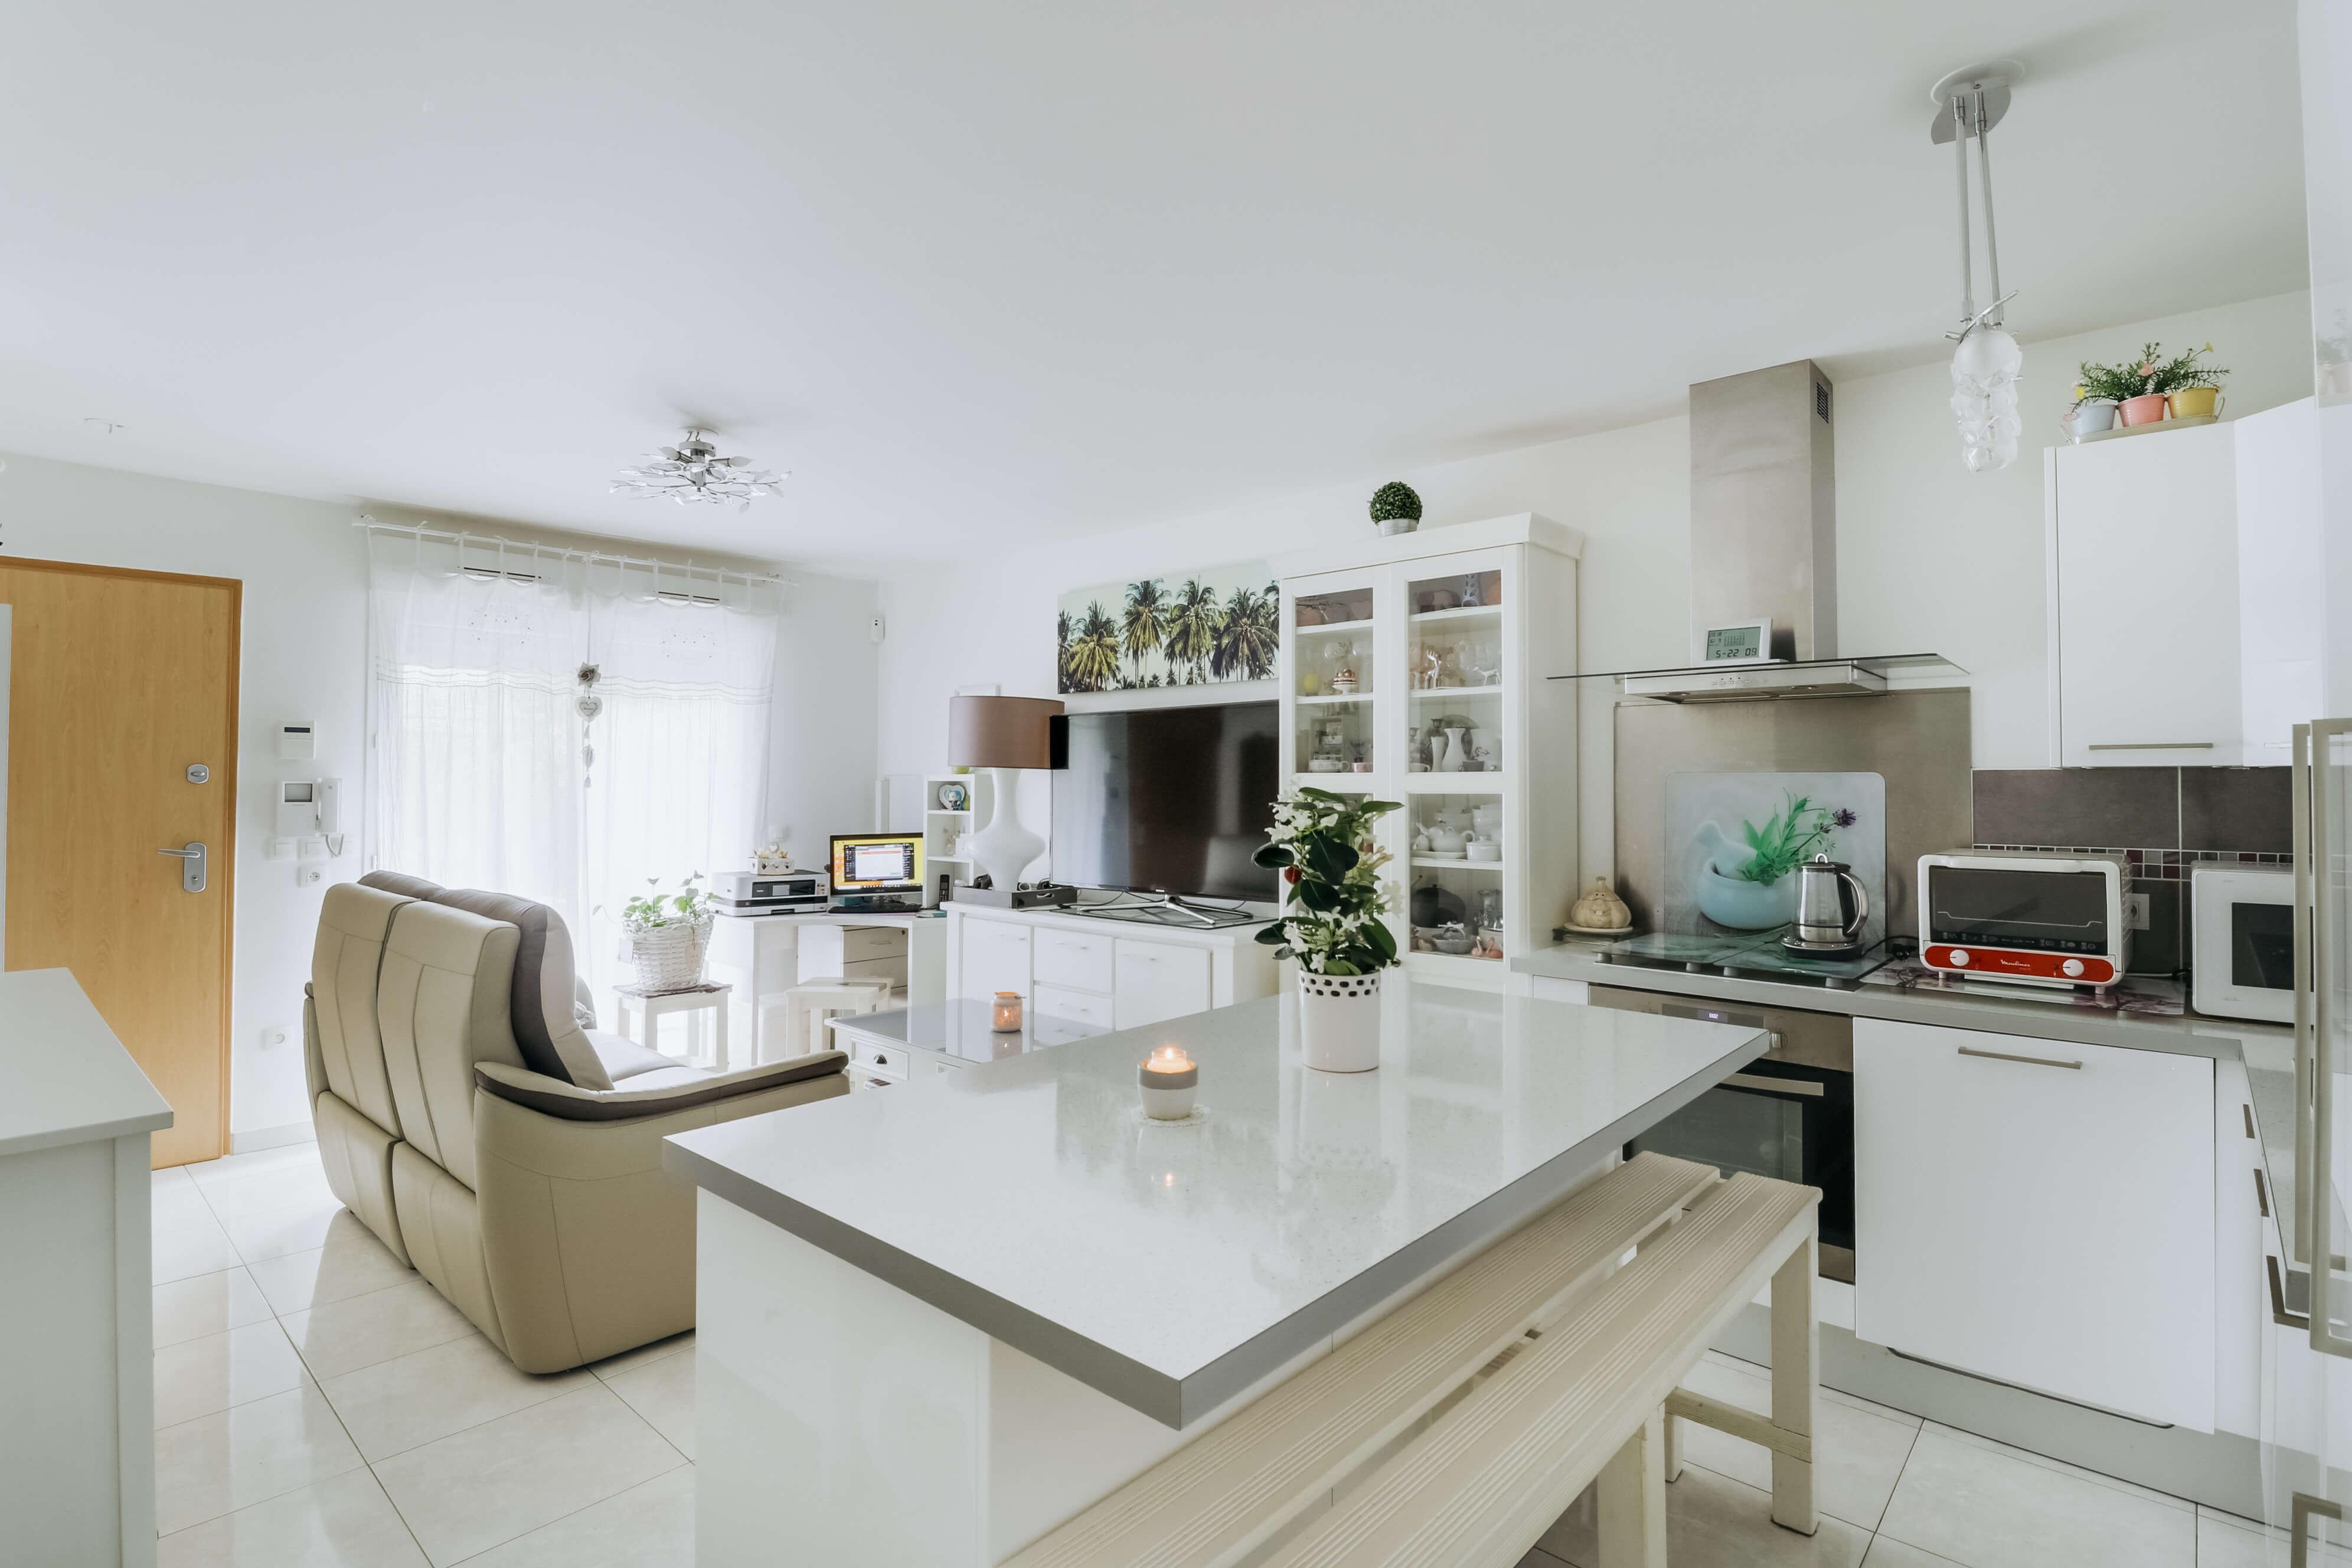 Appartement 2/3 Pièces 51m2 au Plessis-Trévise (94420)